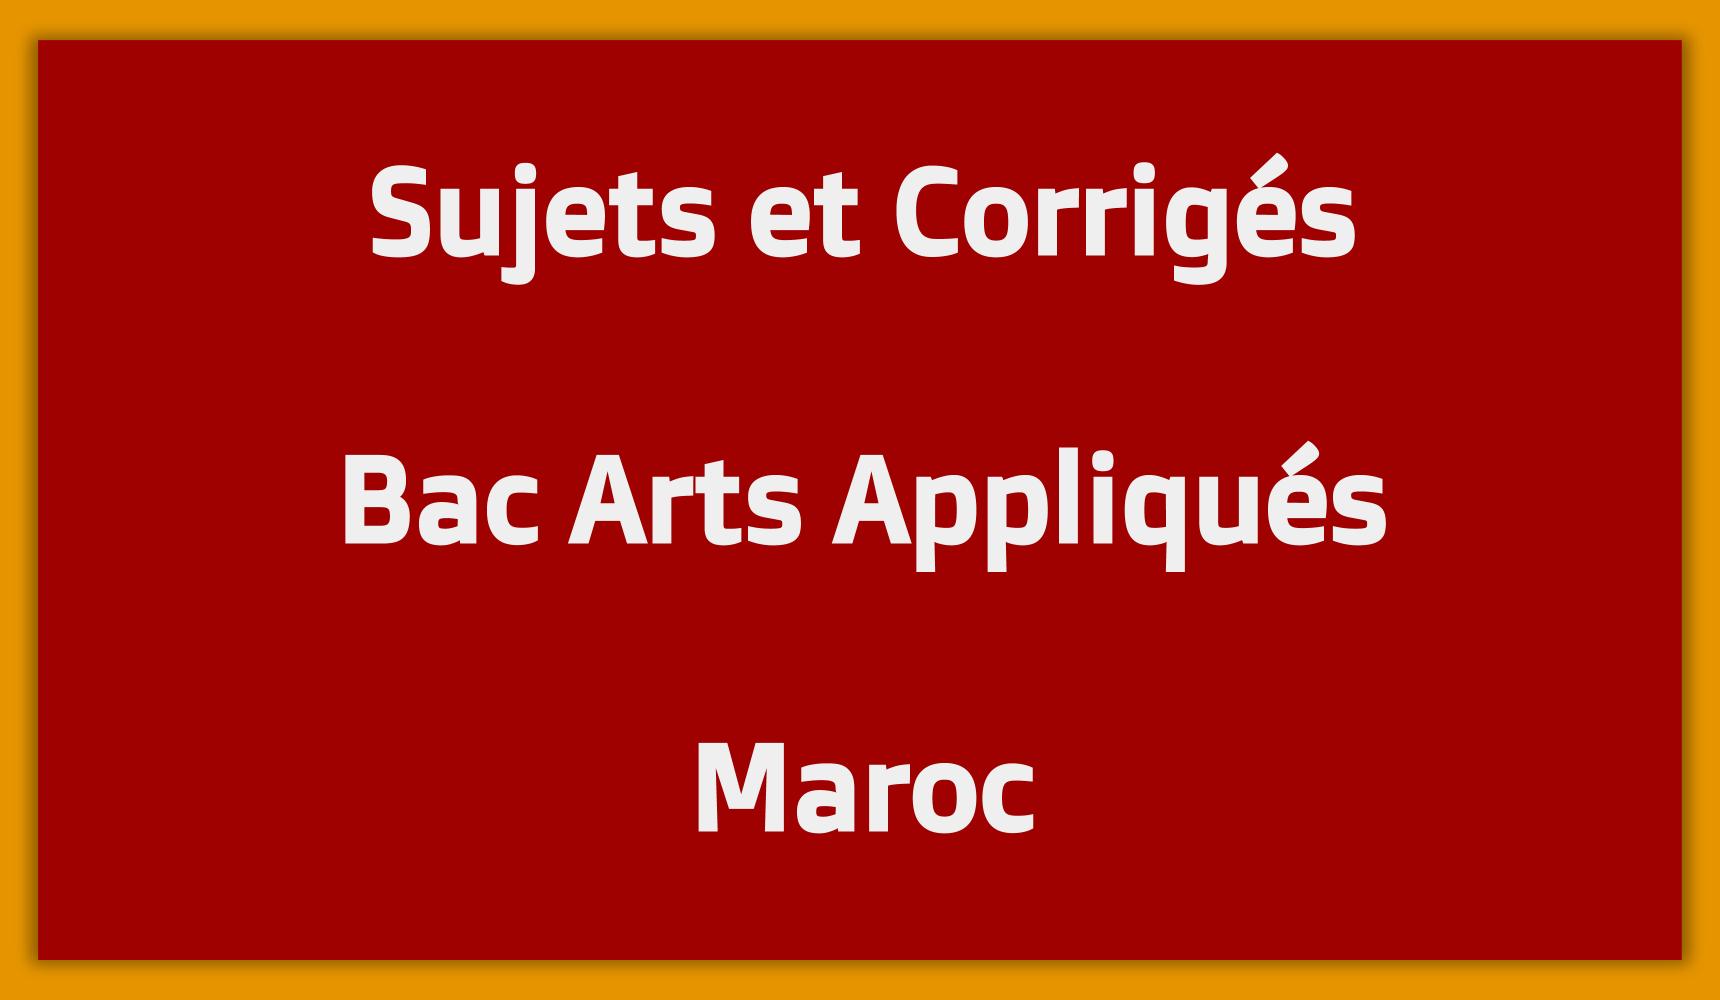 Sujets Corrigés Bac Arts Appliqués Maroc